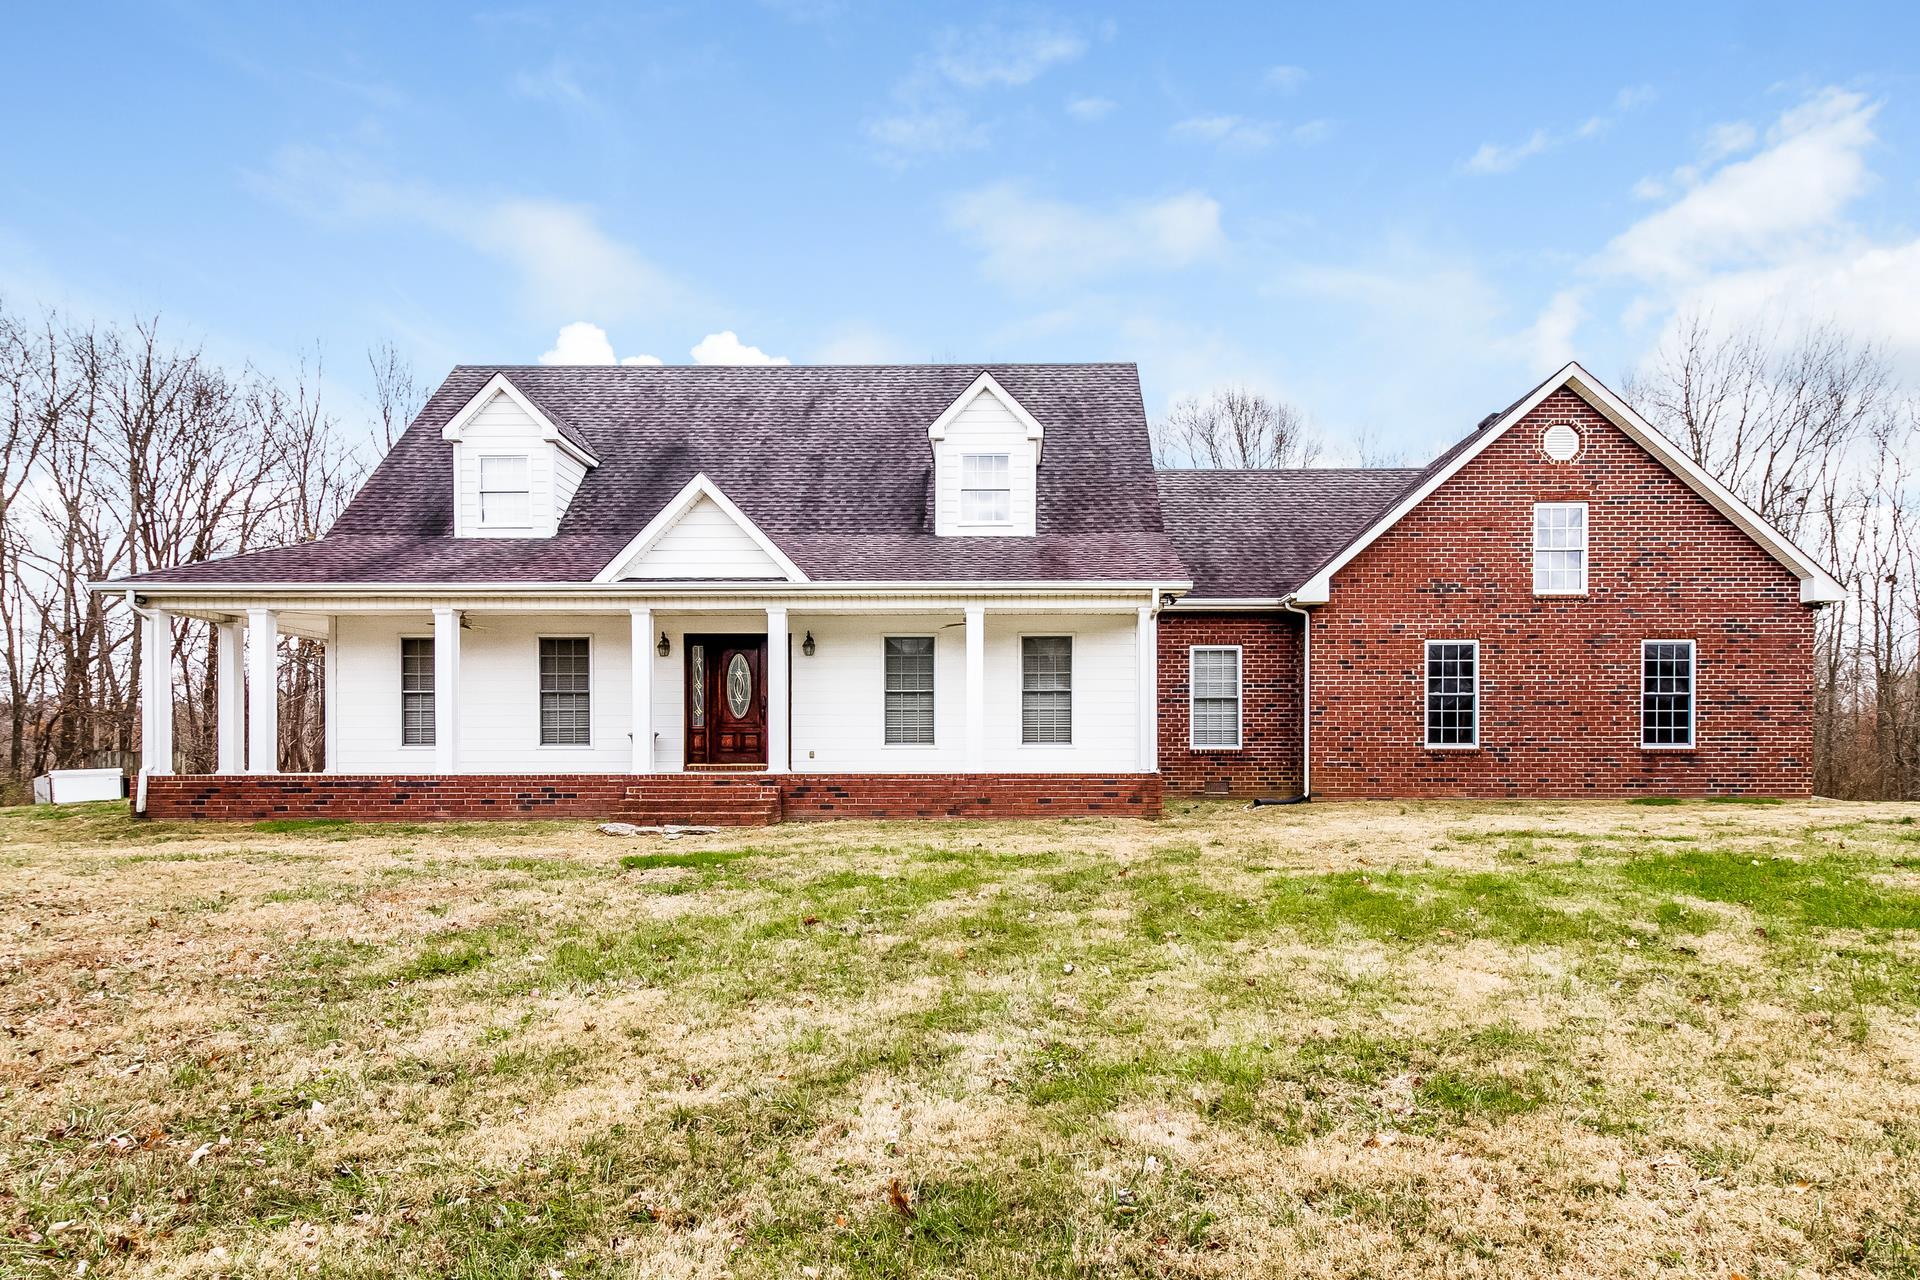 1015 Mohawk Trl, Springfield, TN 37172 - Springfield, TN real estate listing